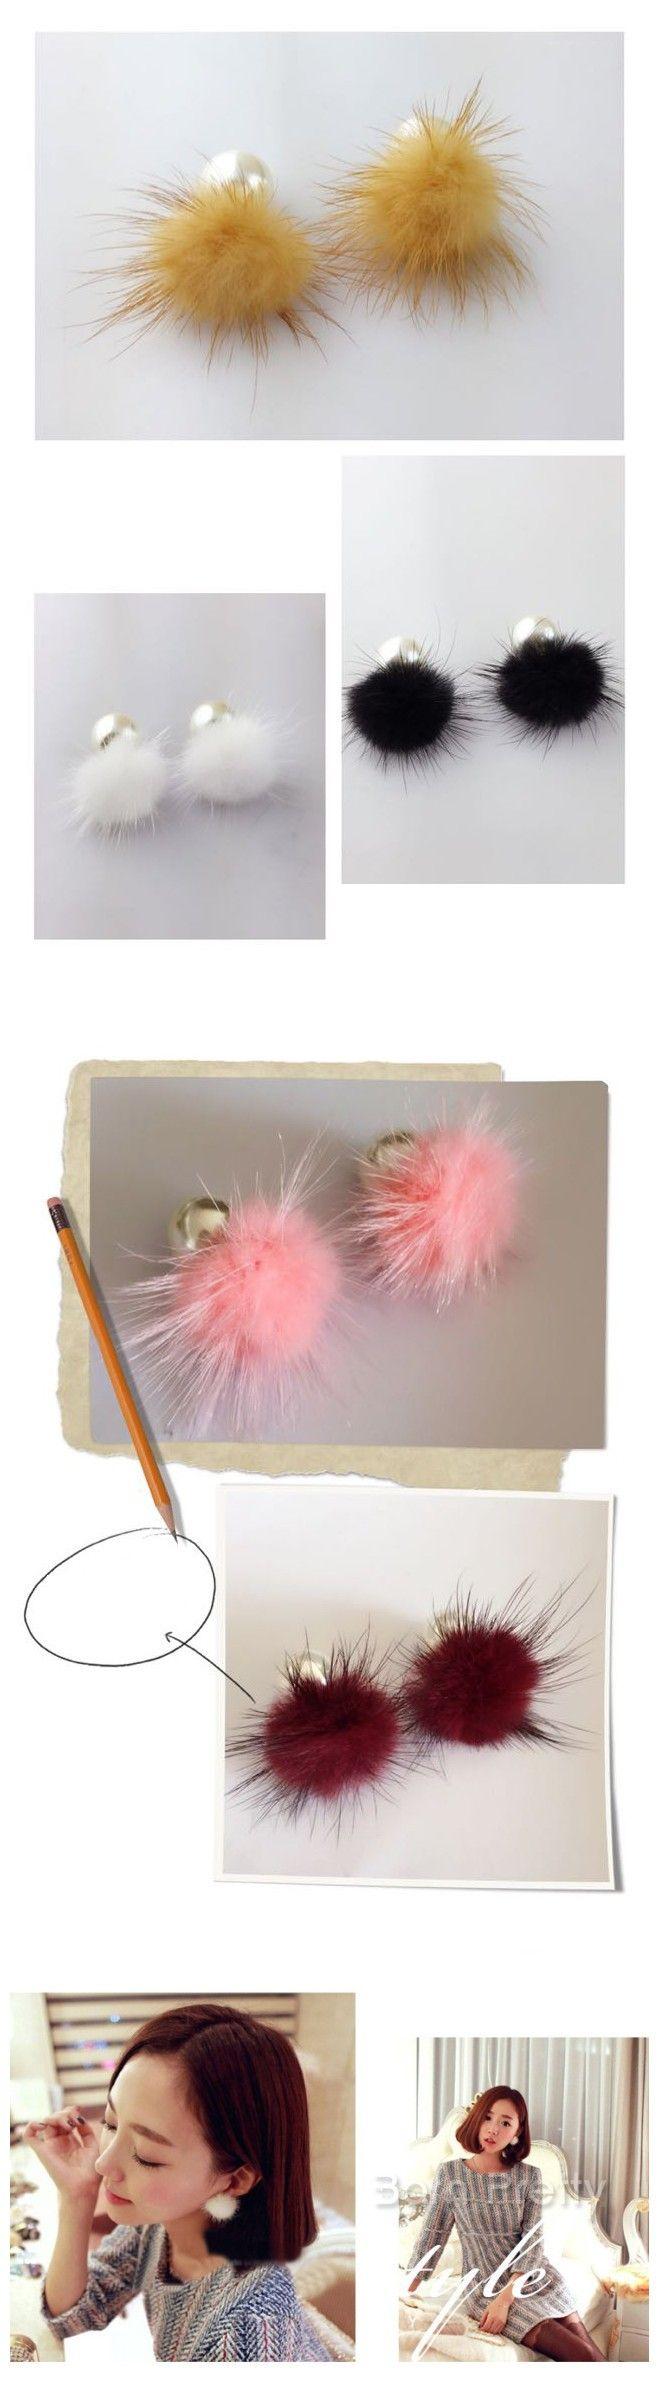 # 24850 JPY ¥258 1ペア 可愛いミンクボール&パールおしゃれピアスファッションアクセサリー&ジュエリー  - harunouta.com